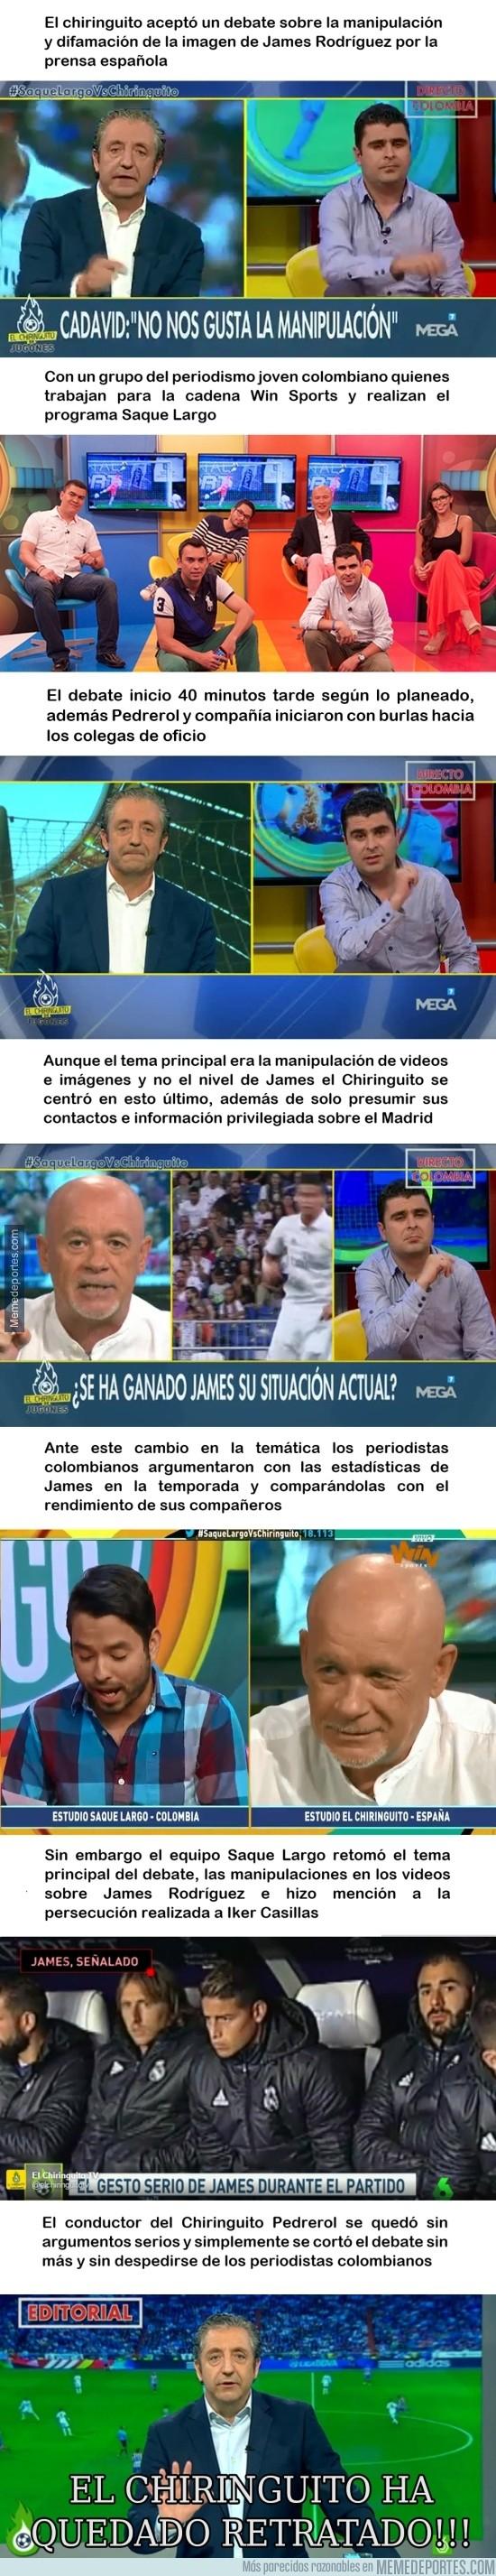 901718 - El lamentable trato de El Chiringuito al Saque Largo (Colombia)